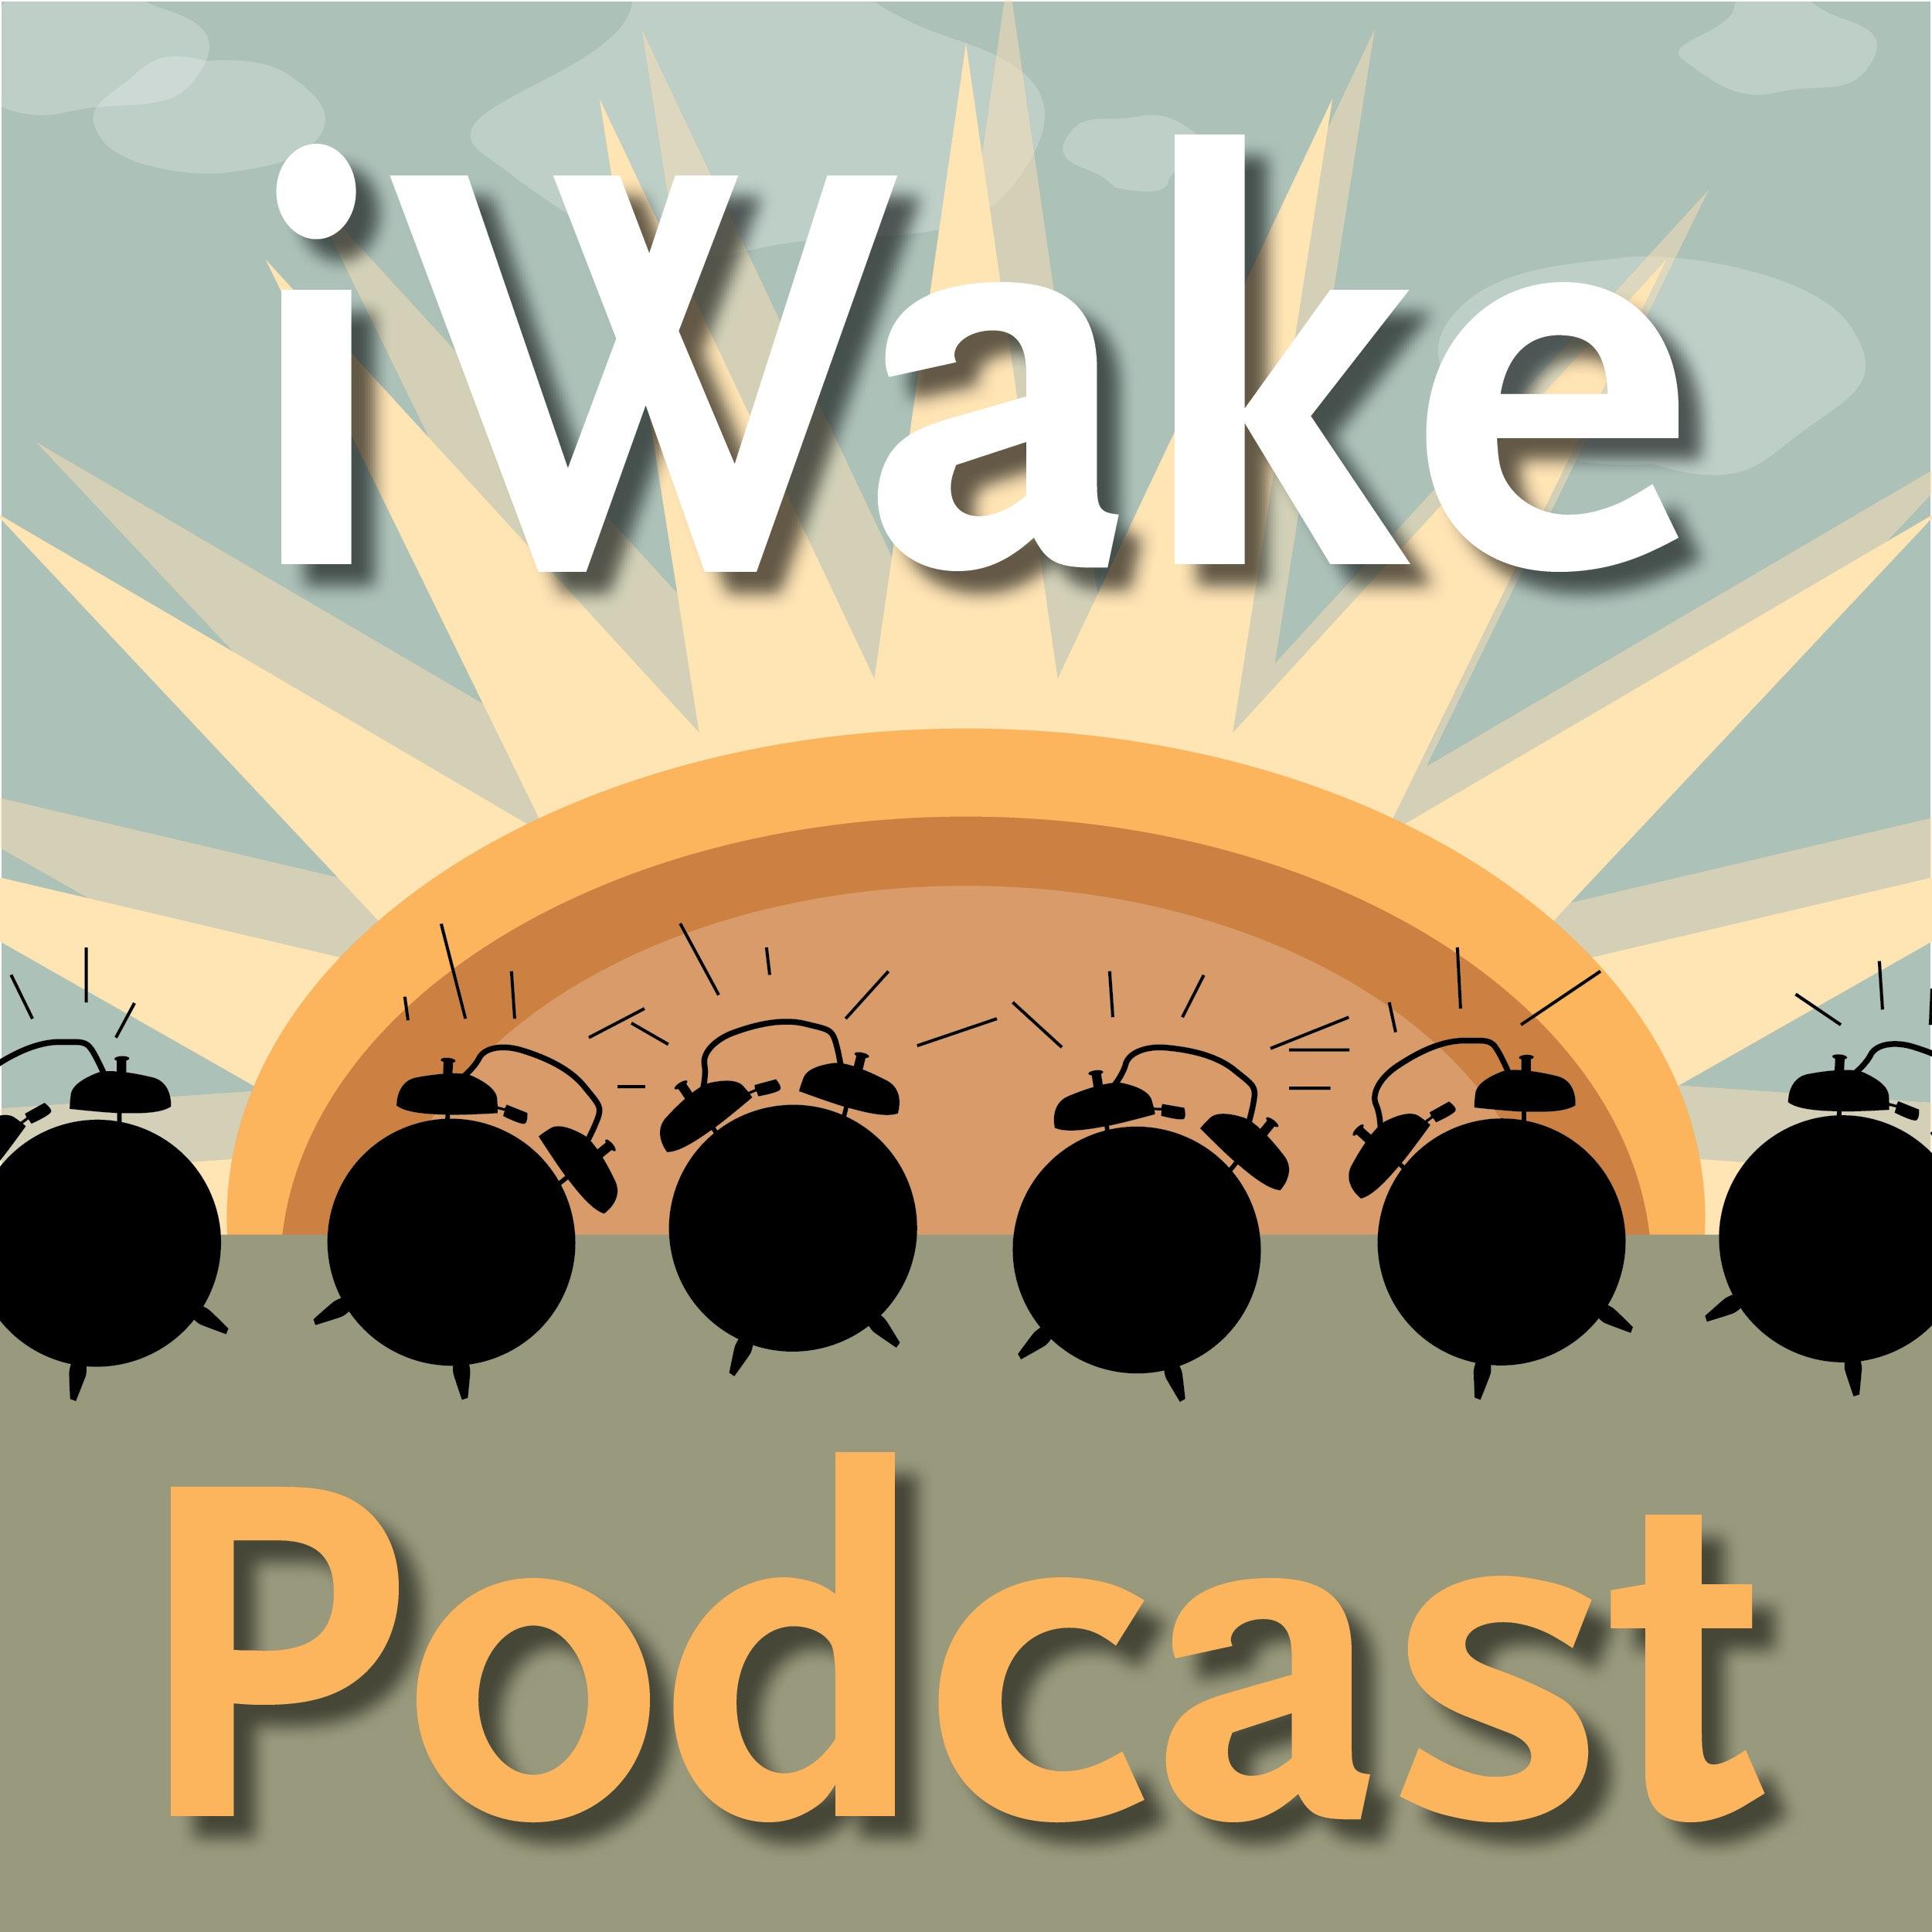 iWake Has Moved To iWakePodcast.com